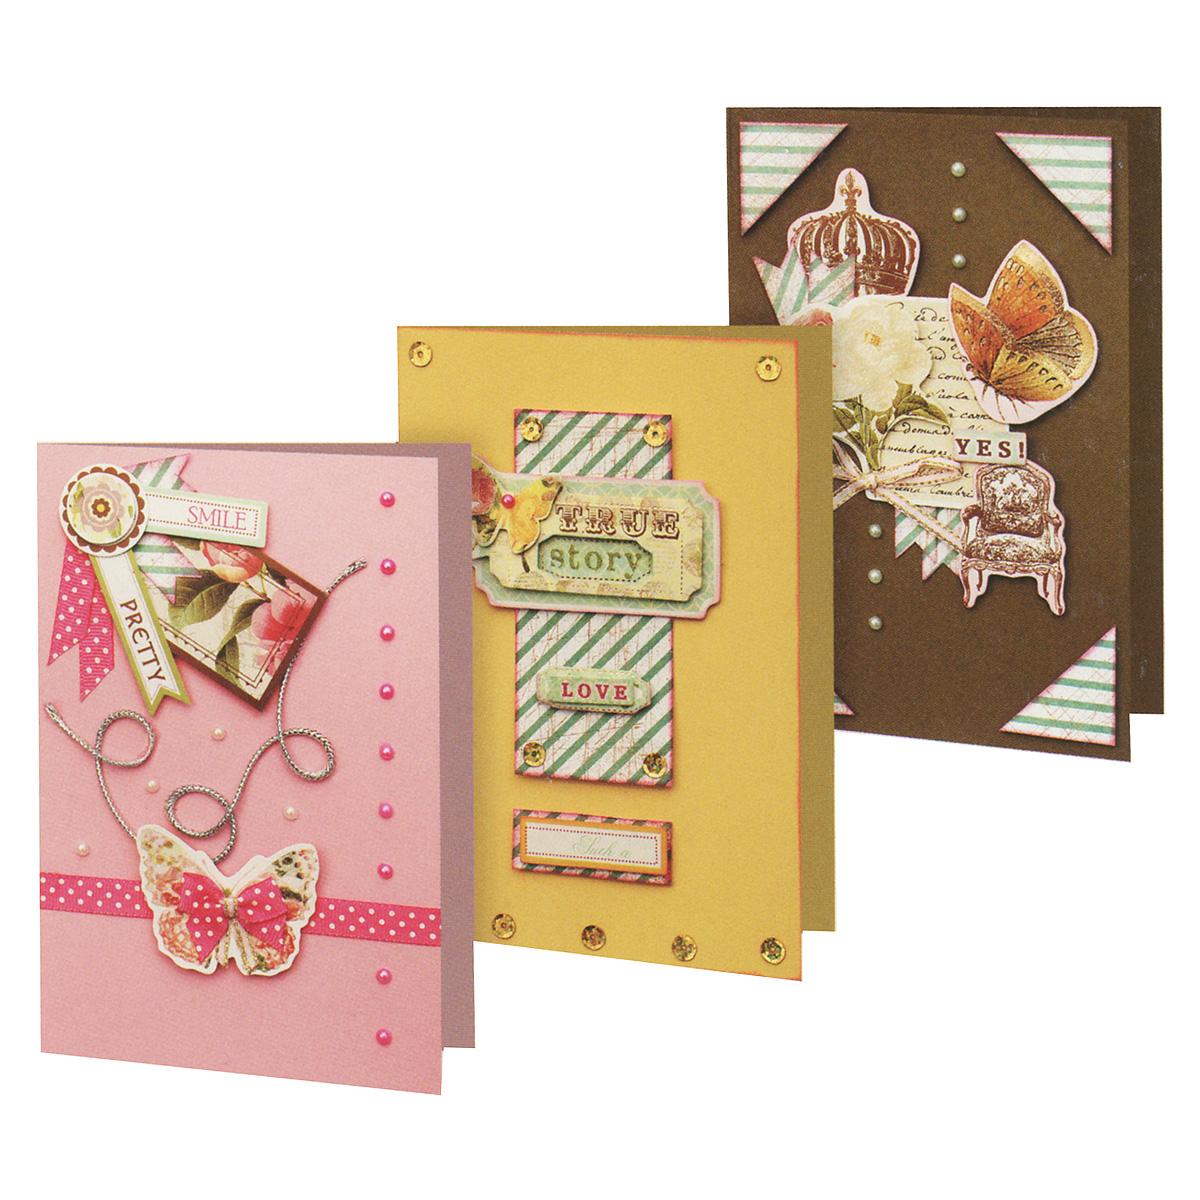 Набор для создания открыток Белоснежка Лучезарный, 3 шт113-SB Набор для создания 3-х открыток ЛучезарныйНабор для создания открыток Белоснежка Лучезарный позволит вам и вашему ребенку создать 3 оригинальные открытки из картона в стиле 3D скрапбукинг. Набор включает в себя все необходимое для работы: 3 заготовки для открыток, 3 конверта, клеевые подушечки, декоративные элементы (вырубка из бумаги, ленты, паетки, стразы, полубусины) и подробную инструкцию на русском языке. Скрапбукинг - это хобби, которое способно приносить массу приятных эмоций не только человеку, который этим занимается, но и его близким, друзьям, родным. Это невероятно увлекательное занятие, которое поможет вам сохранить наиболее памятные и яркие моменты вашей жизни, а также интересно оформить интерьер дома. Размер открытки: 11,5 см х 17 см.